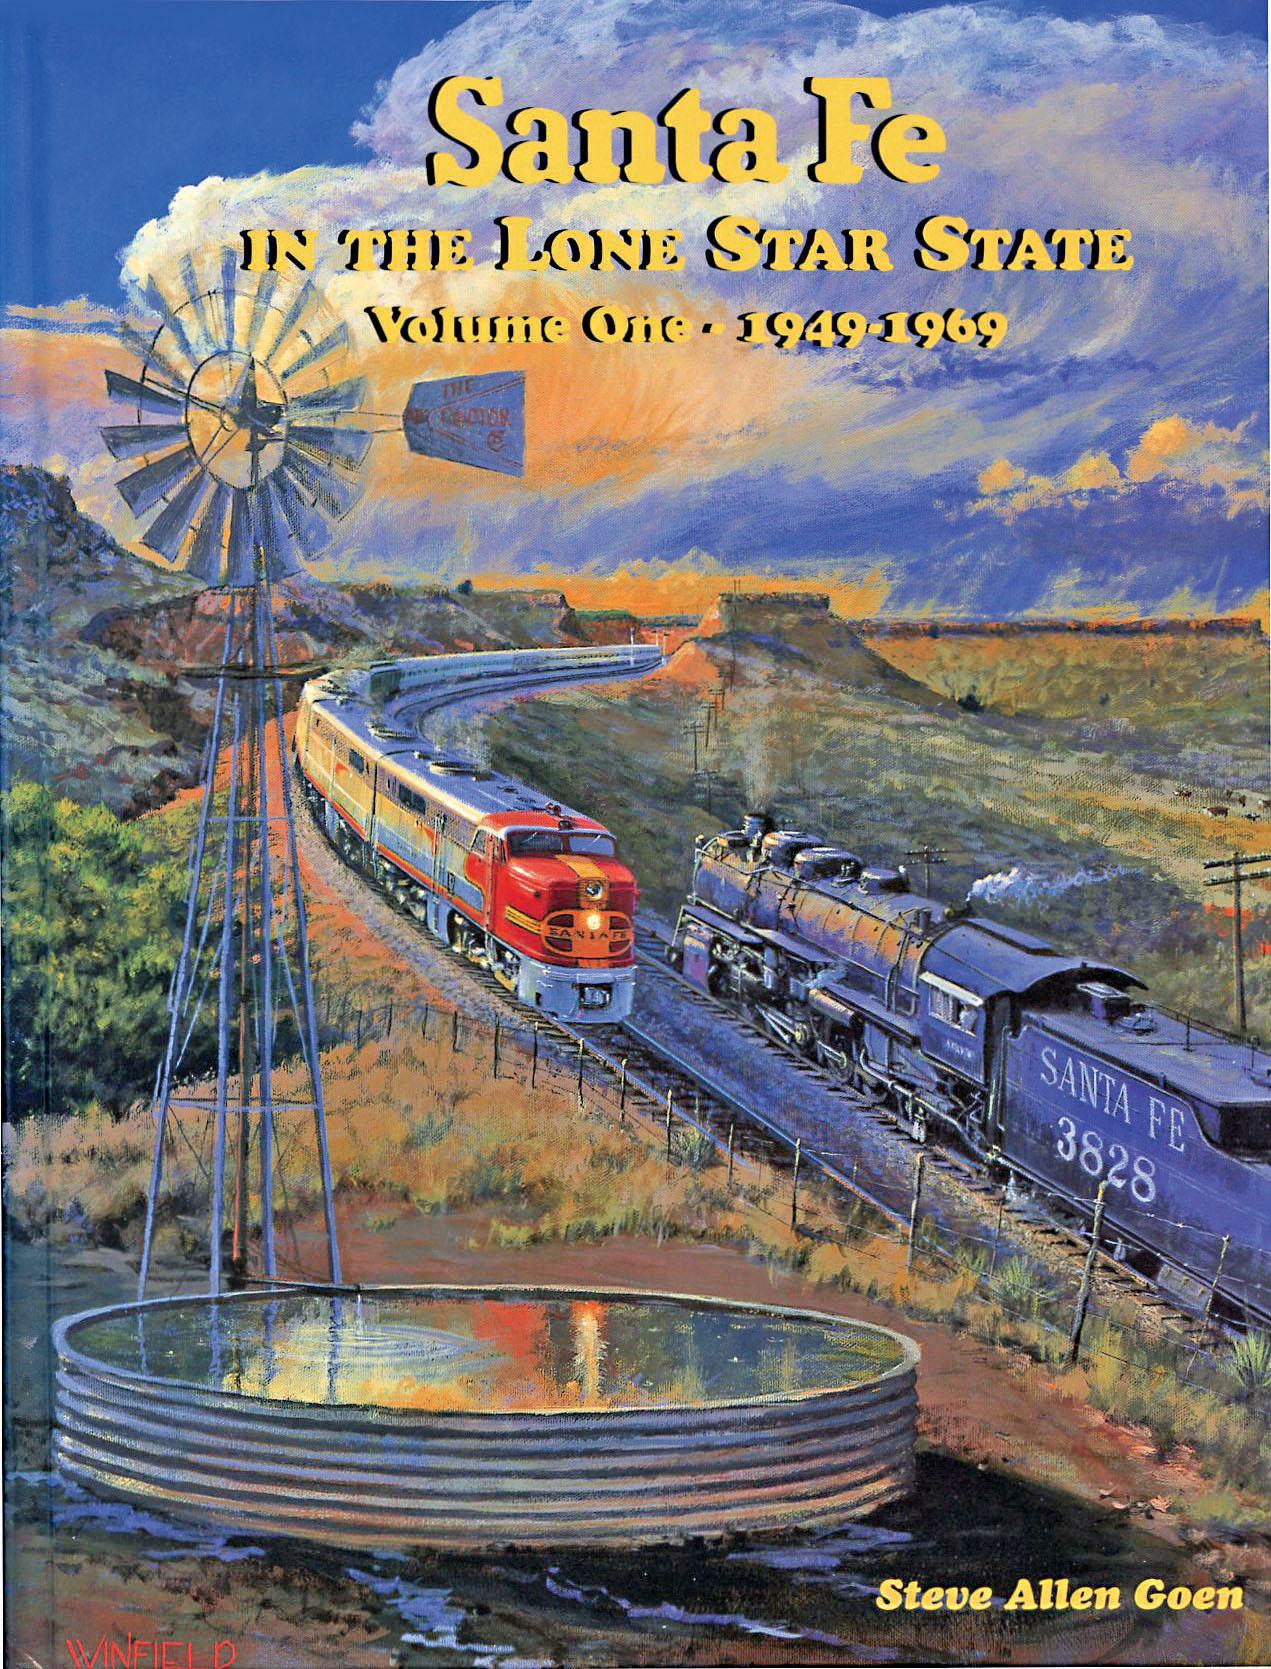 Santa Fe in the Lone Star State